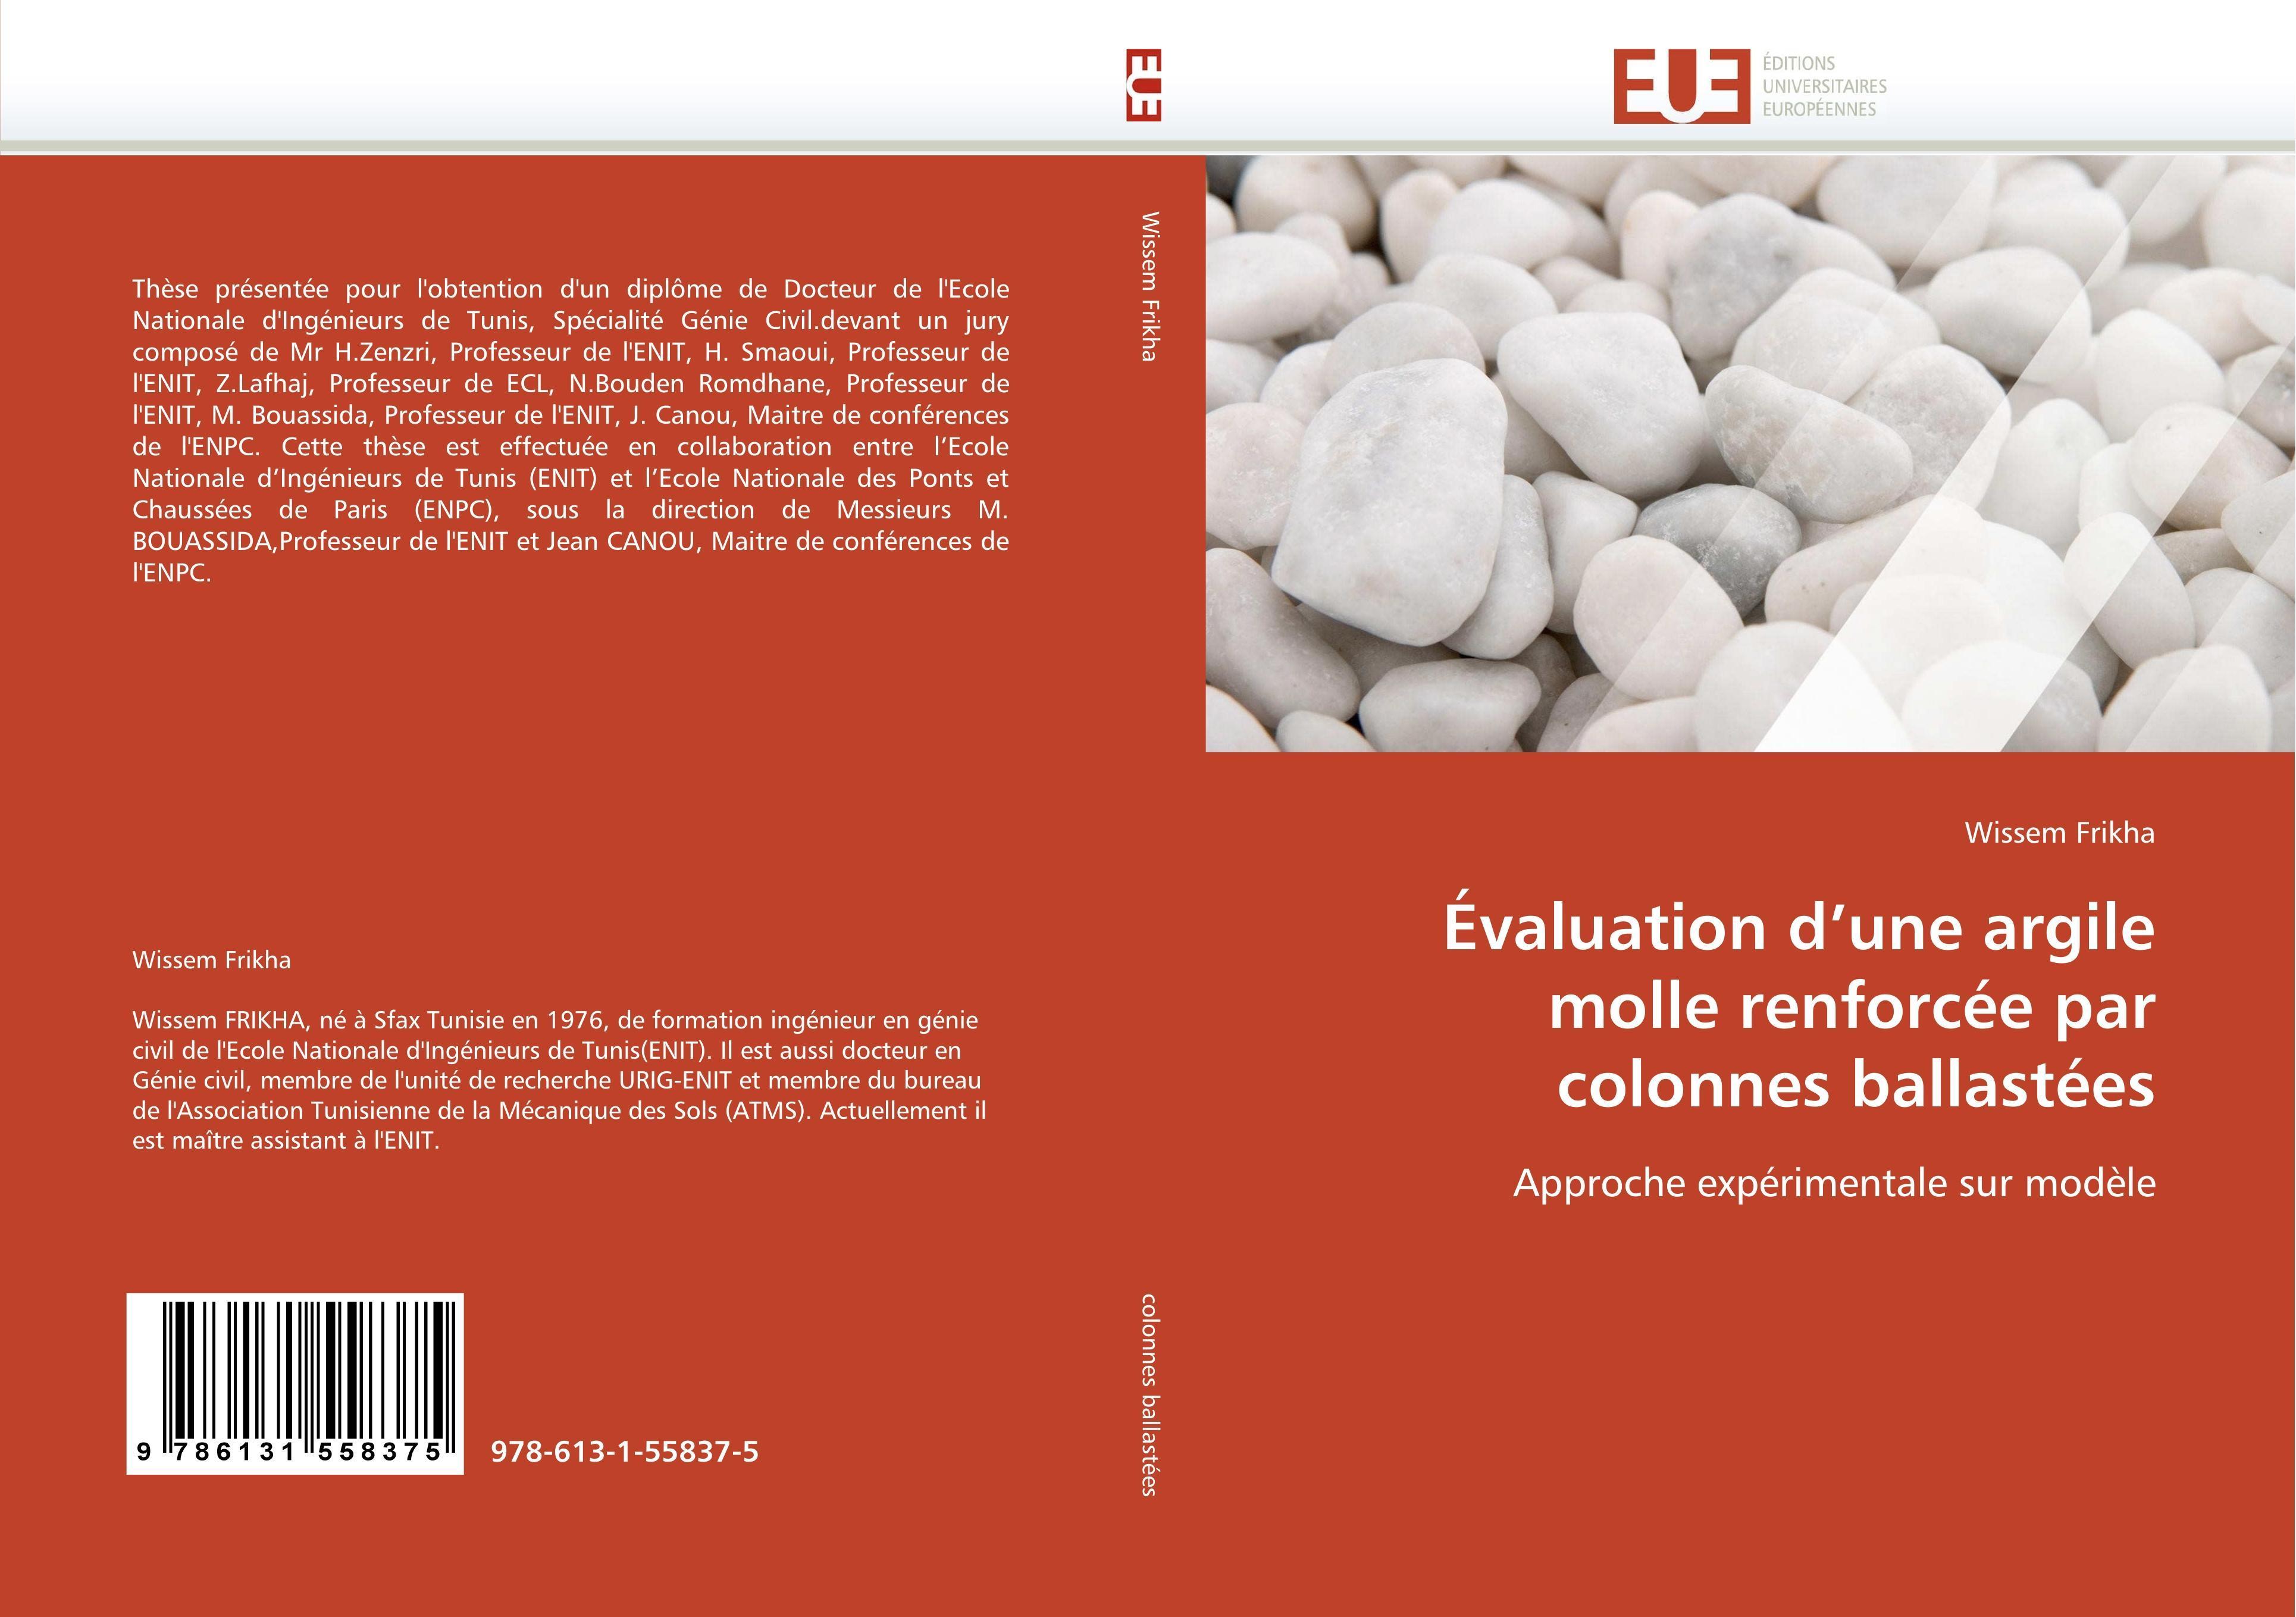 Évaluation d'une argile molle renforcée par colonnes ballast ... 9786131558375